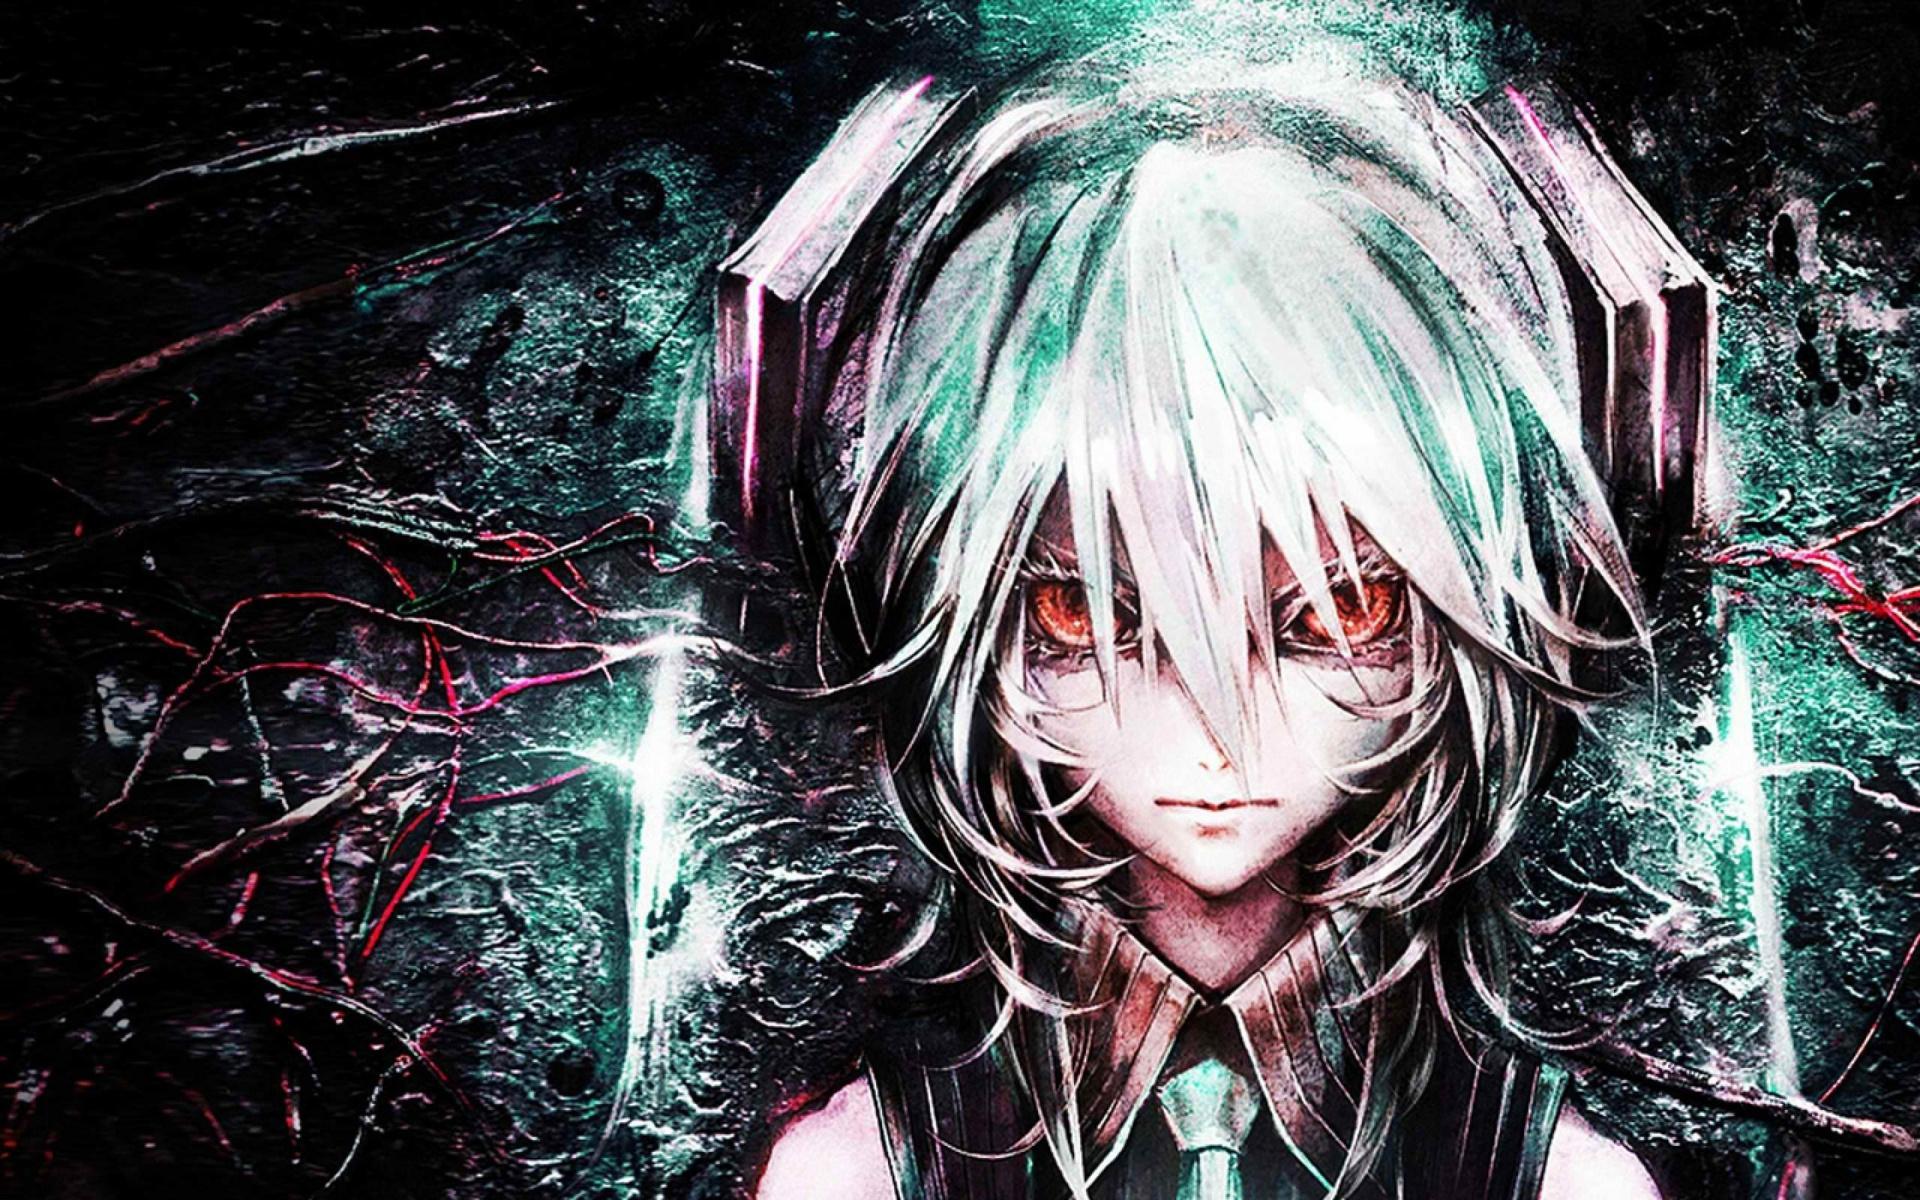 tải hình nền anime đẹp cho laptop full hd